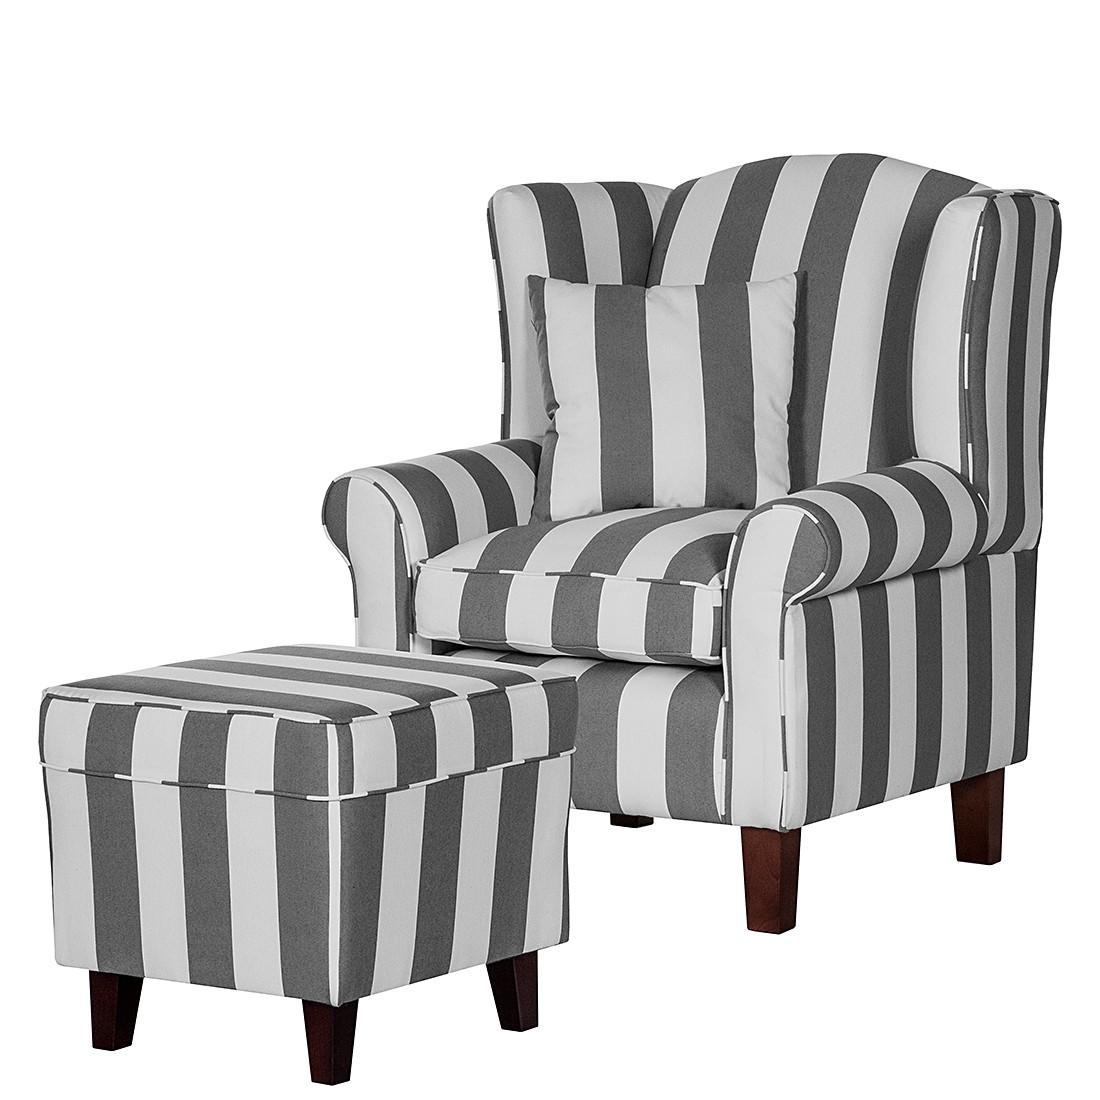 Fauteuil Colmar - Tissu gris à rayures rayé Avec repose-pieds, Maison Belfort